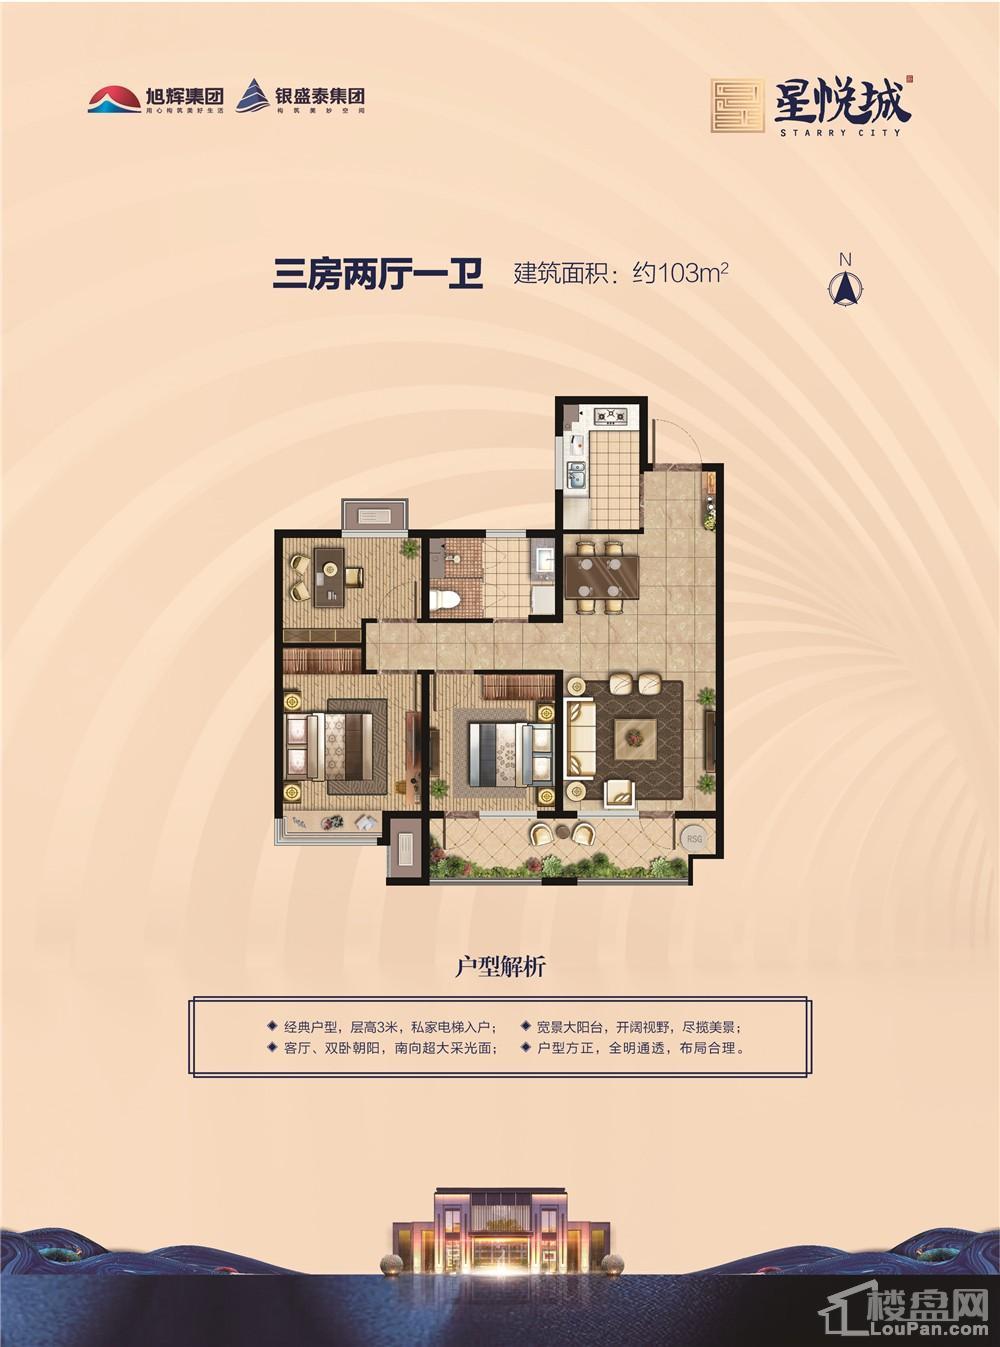 旭辉银盛泰·星悦城户型图